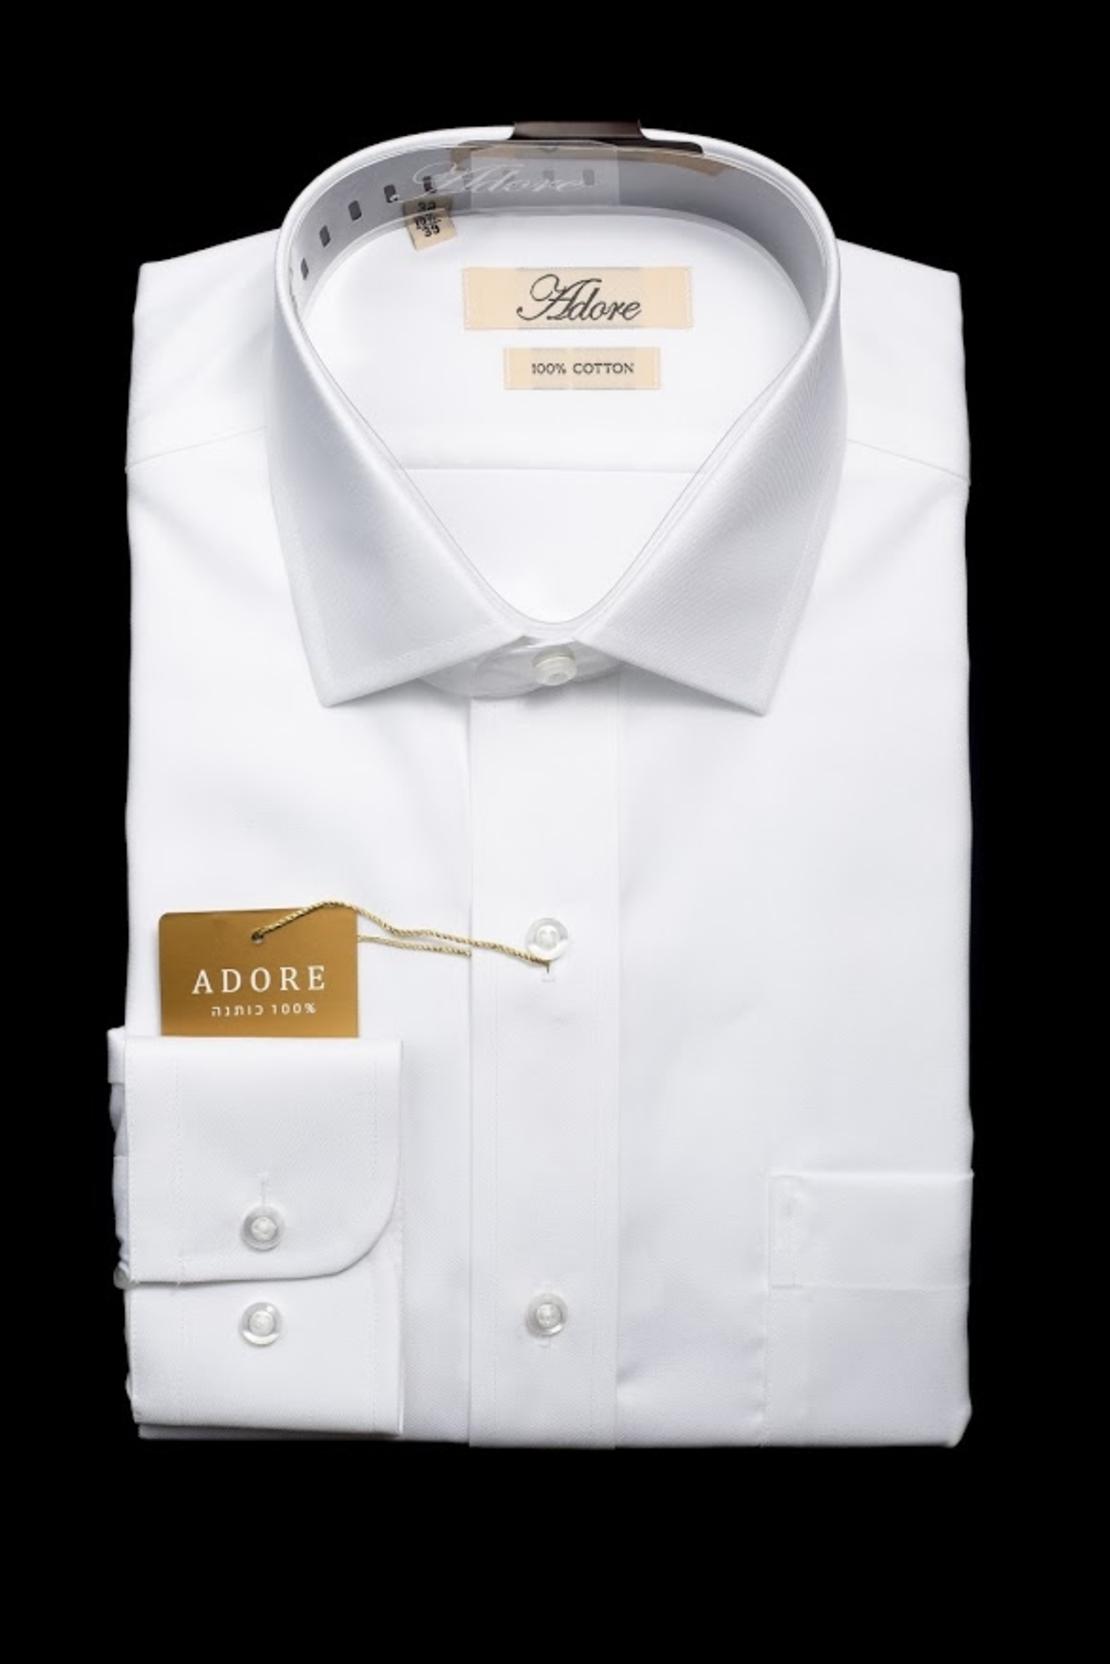 חולצה לבנה אדור תווית בז' גזרה רגילה עם כיס